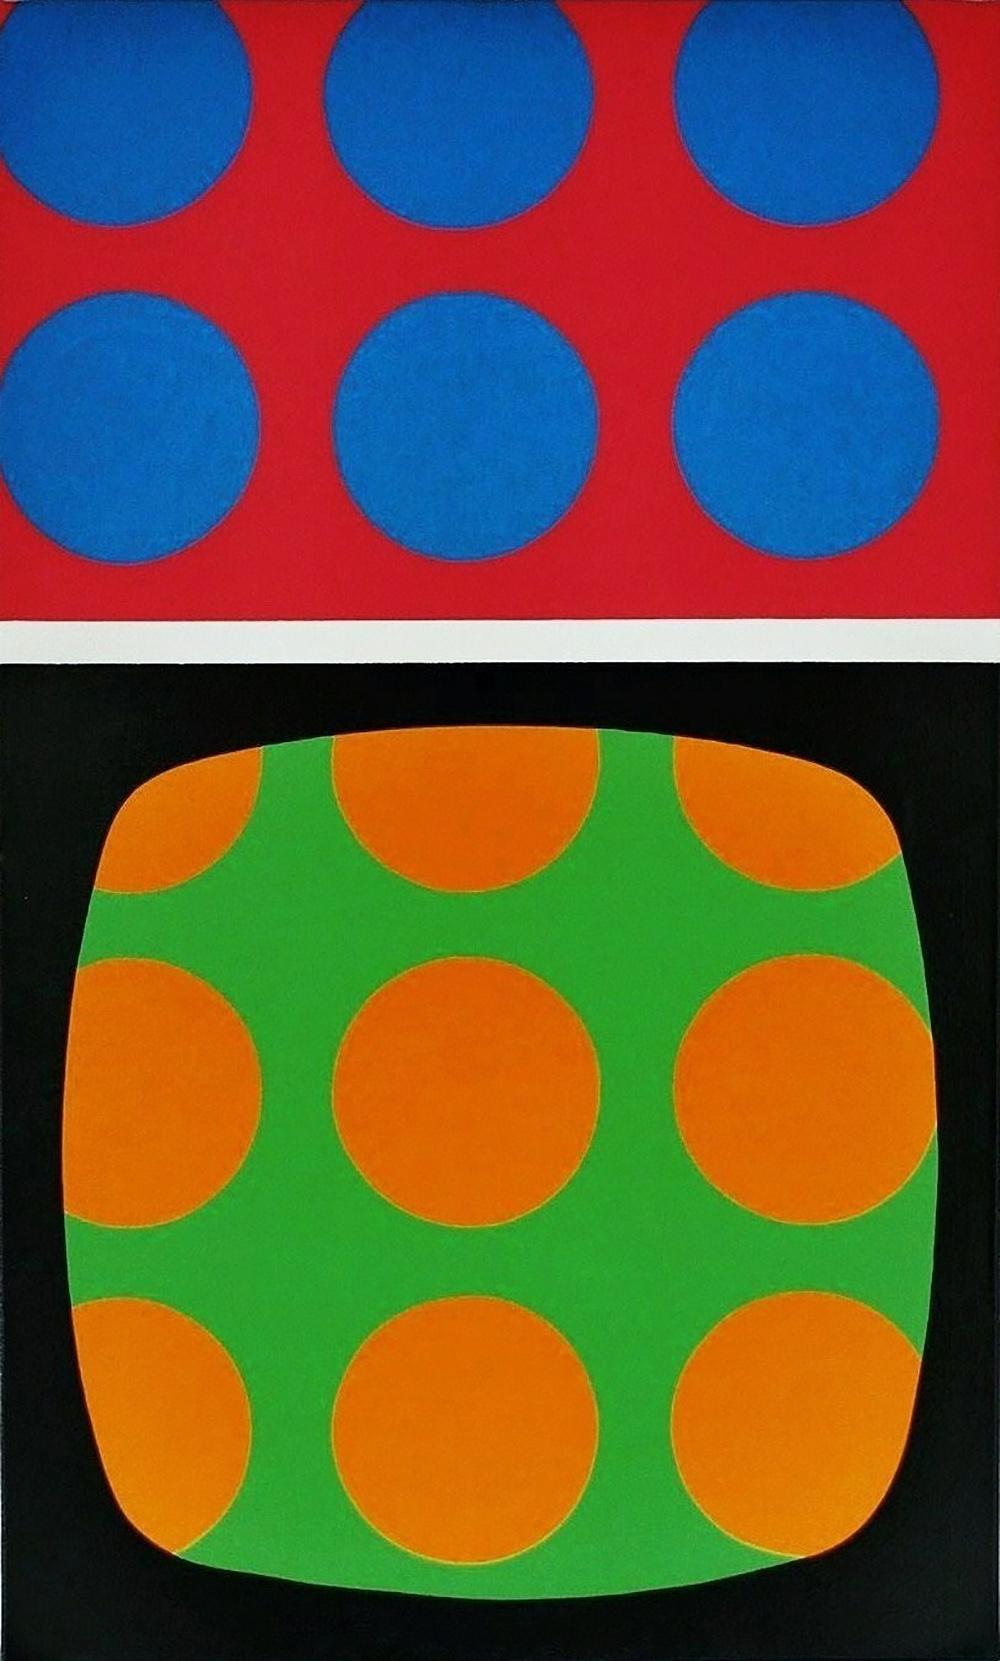 o.T. | Acryl und Lack auf Leinwand | 1987 | 100 x 60 cm